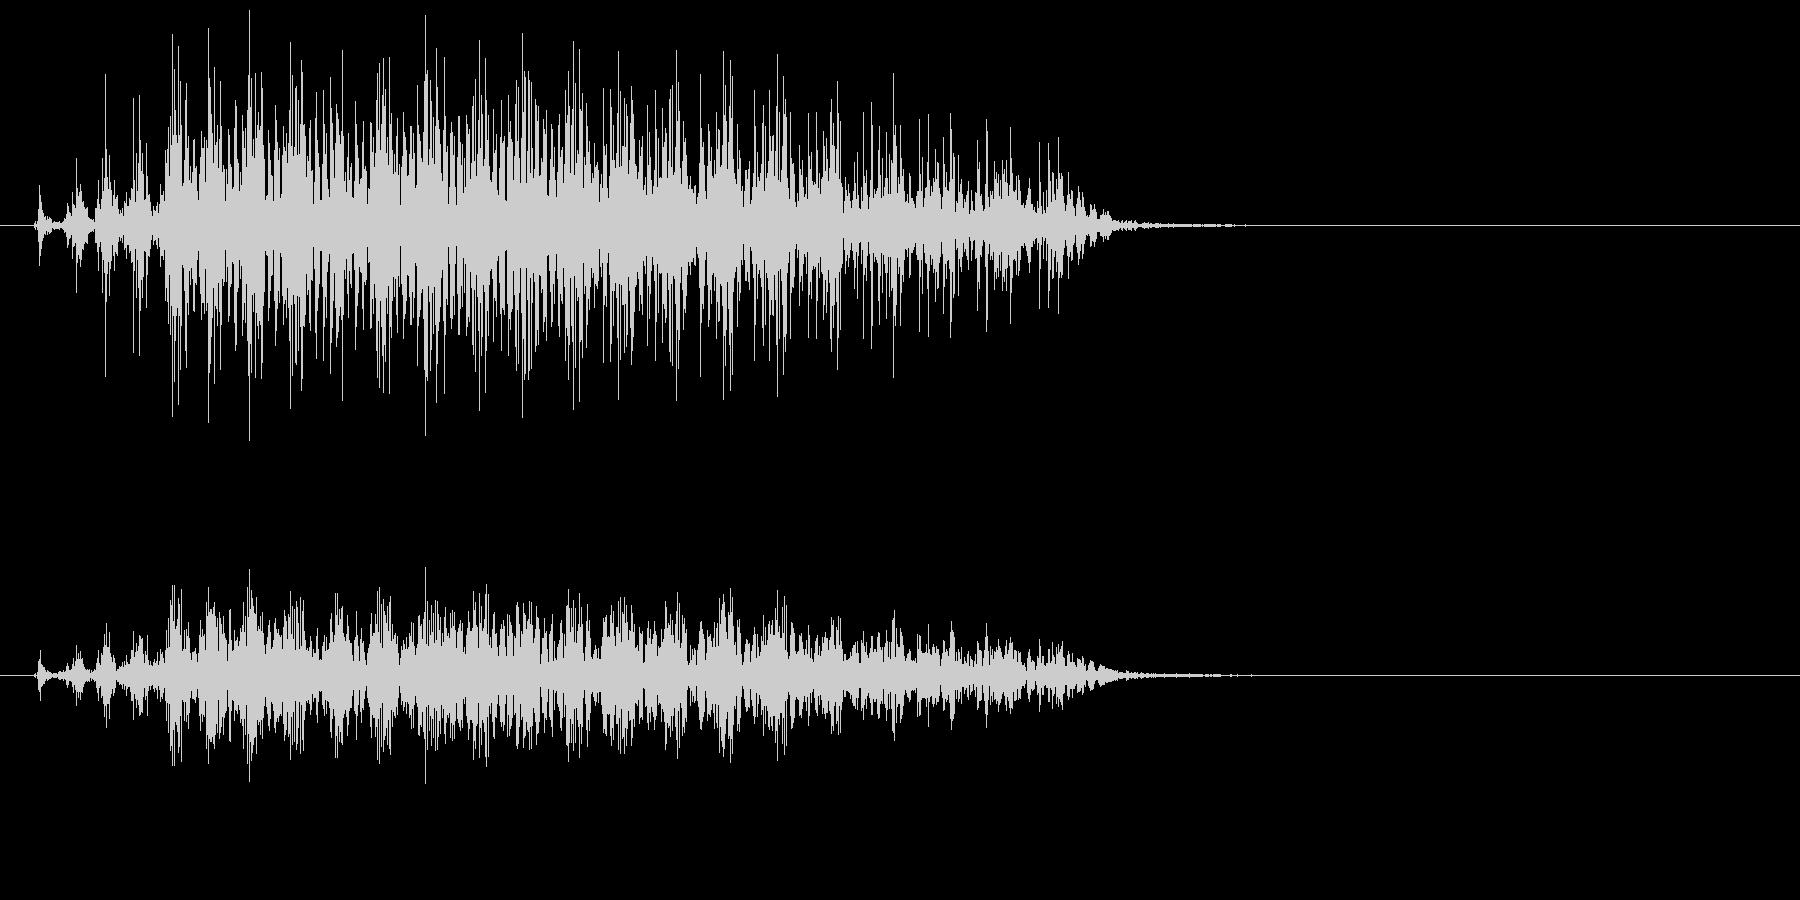 ハシボソガラスの鳴き声の未再生の波形